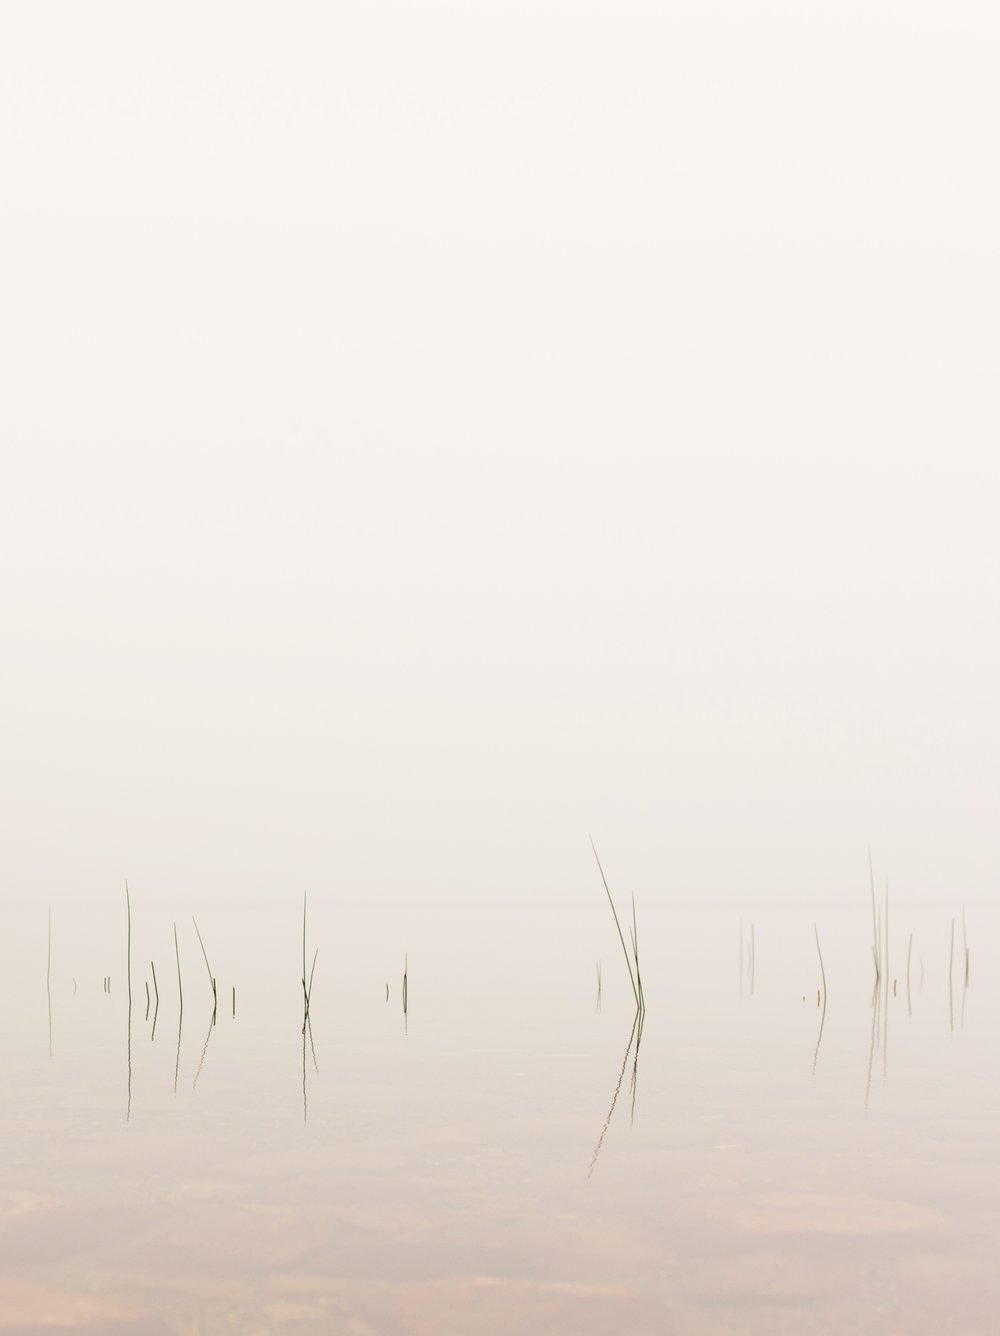 Shot by  Ben Schuyler